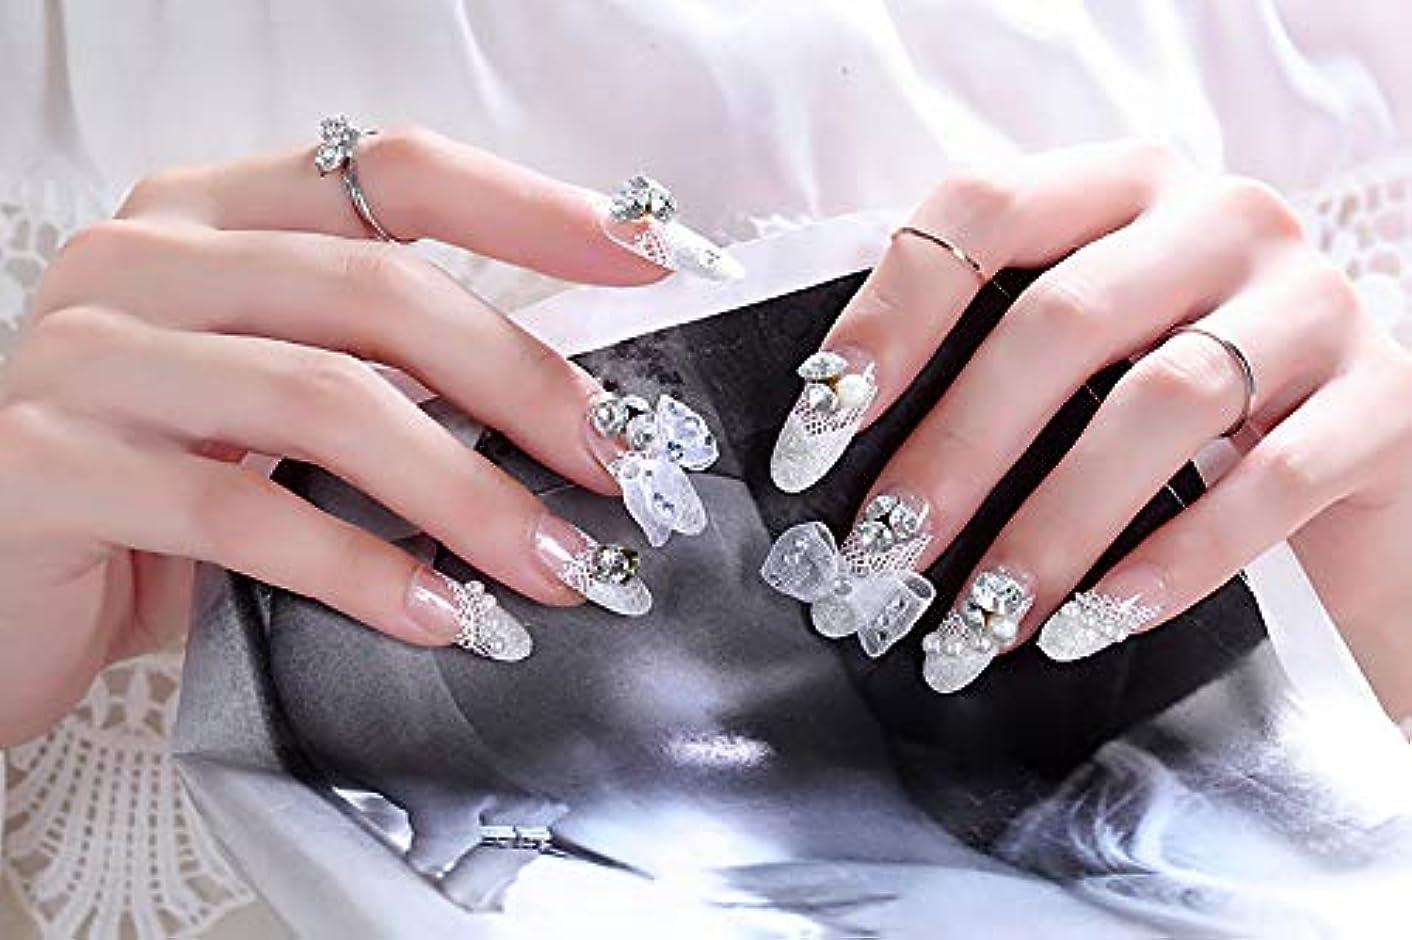 弱める手錠二24PCS ネイル花嫁 结婚する 長い偽の爪 ストーン?ビジュー 可愛い優雅ネイル (ホワイト)